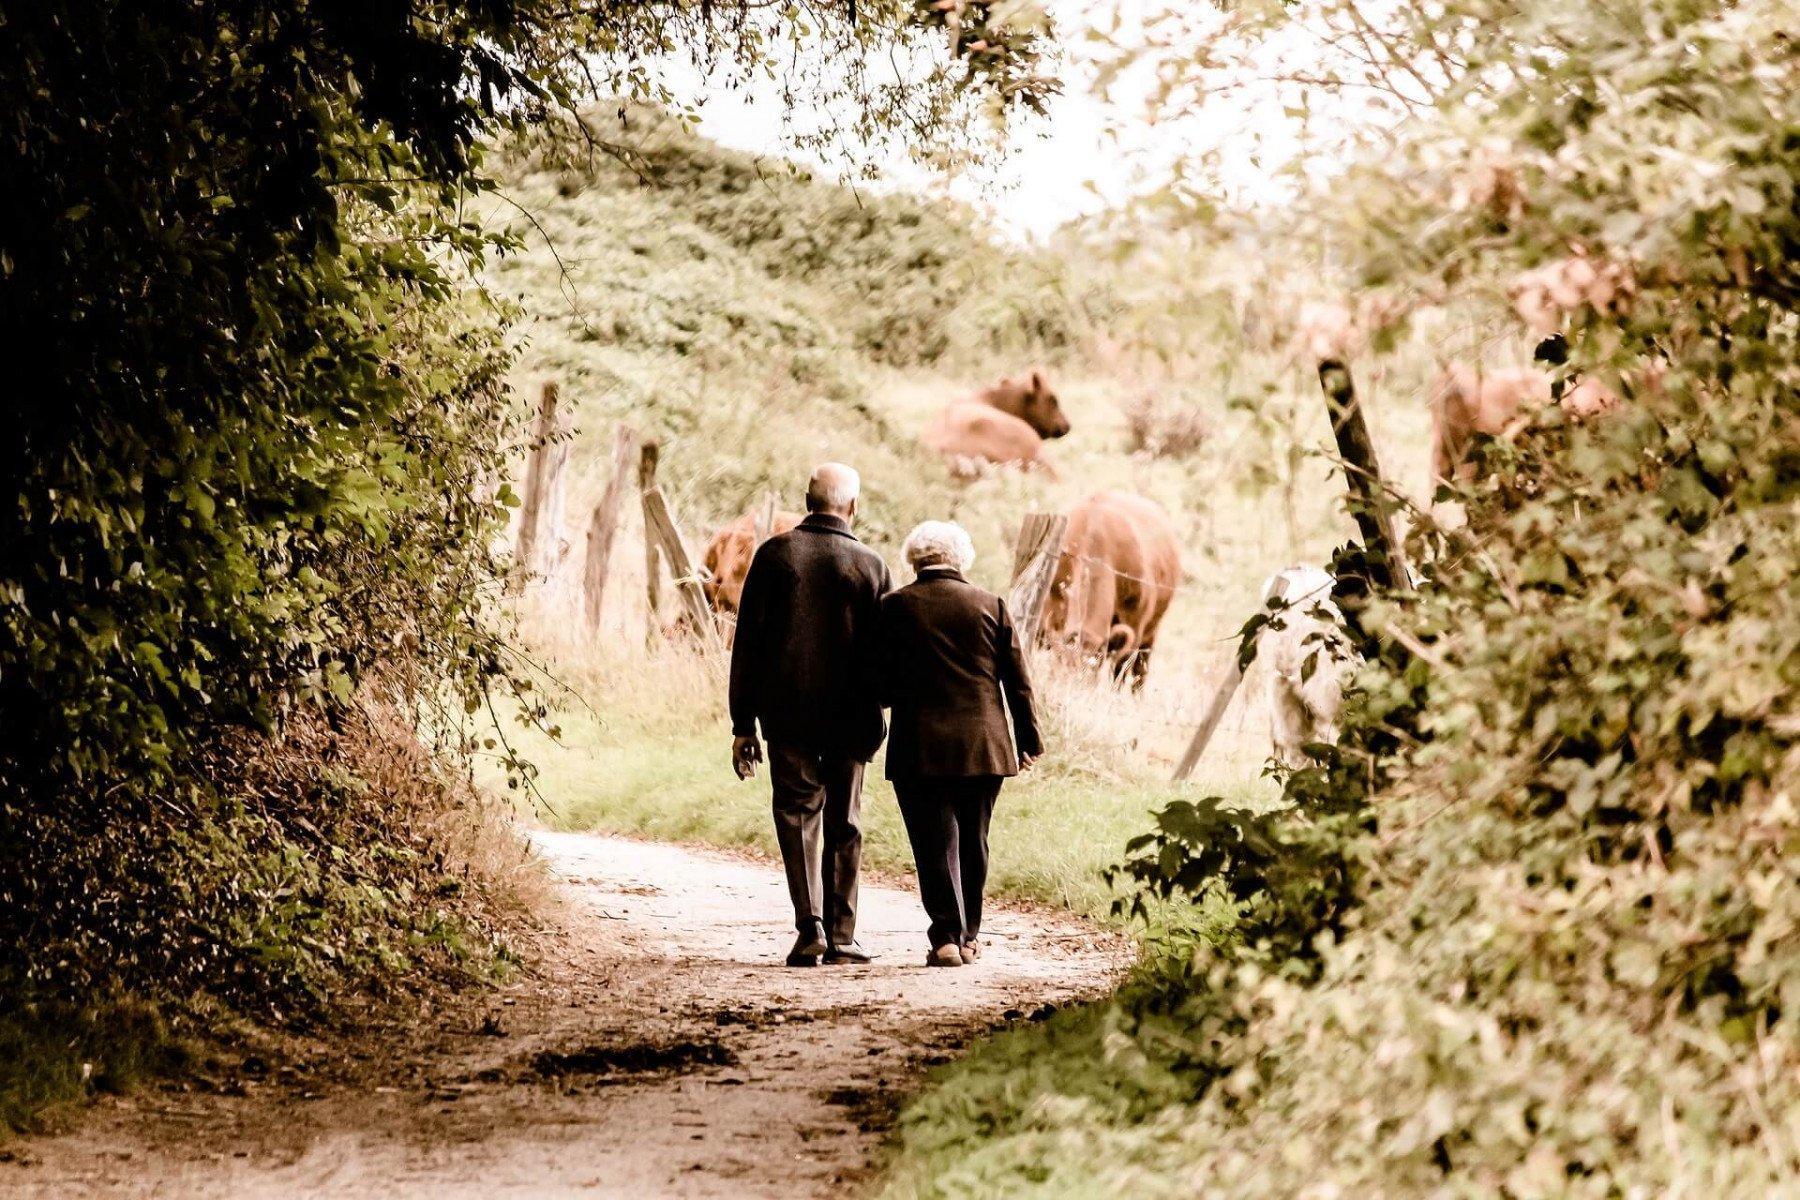 Äldre par man och kvinna går arm i arm på en skogsväg förbi en hage med kor